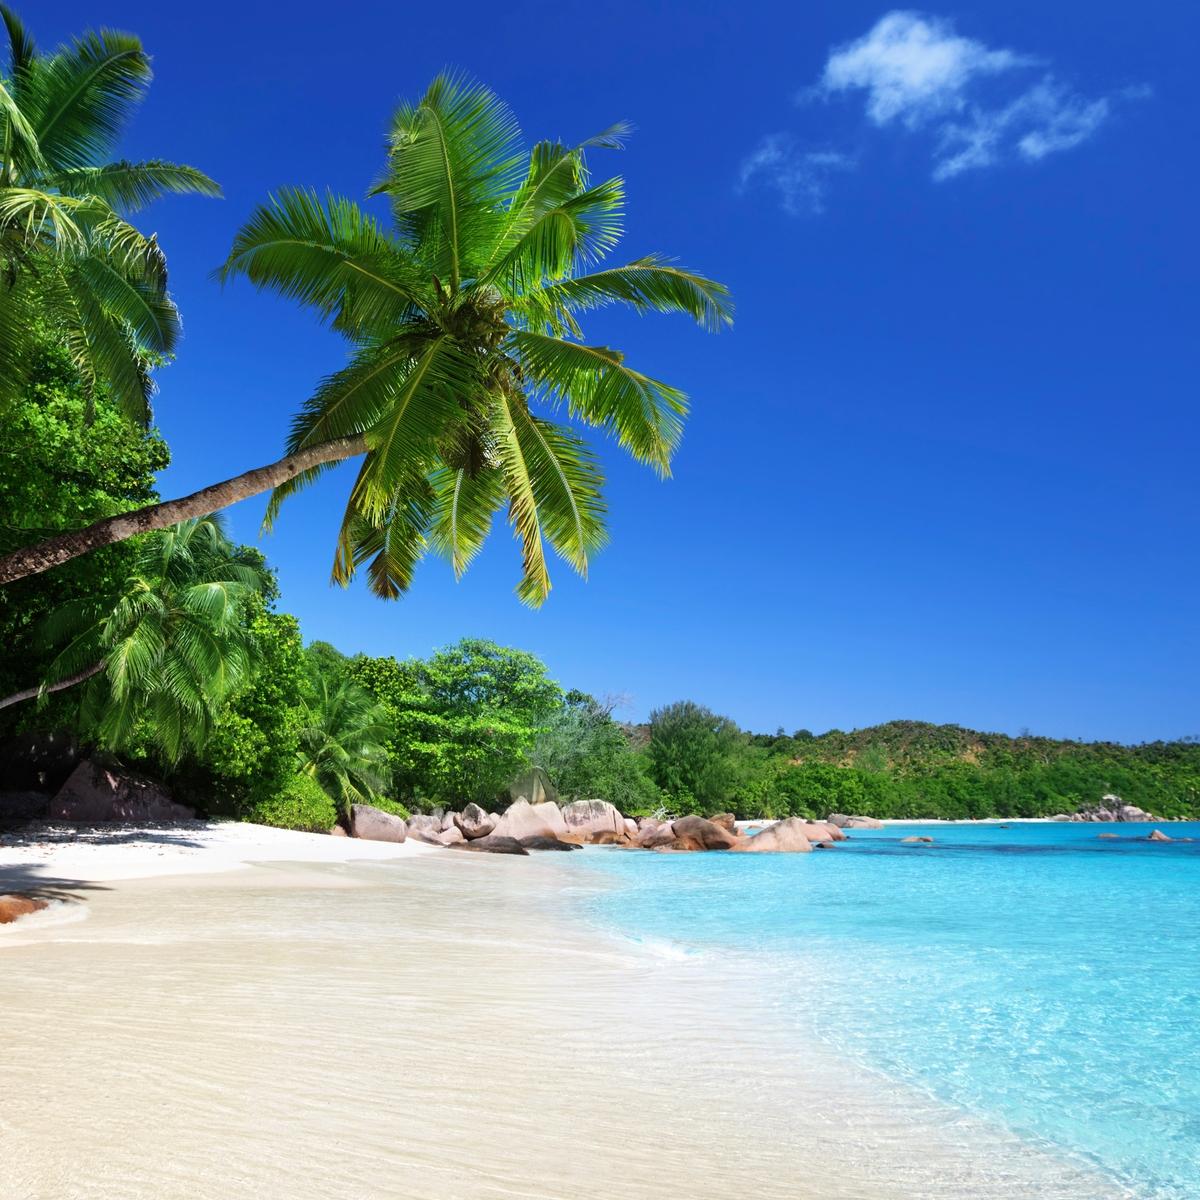 Die schönsten Reiseziele Afrikas: Seychellen